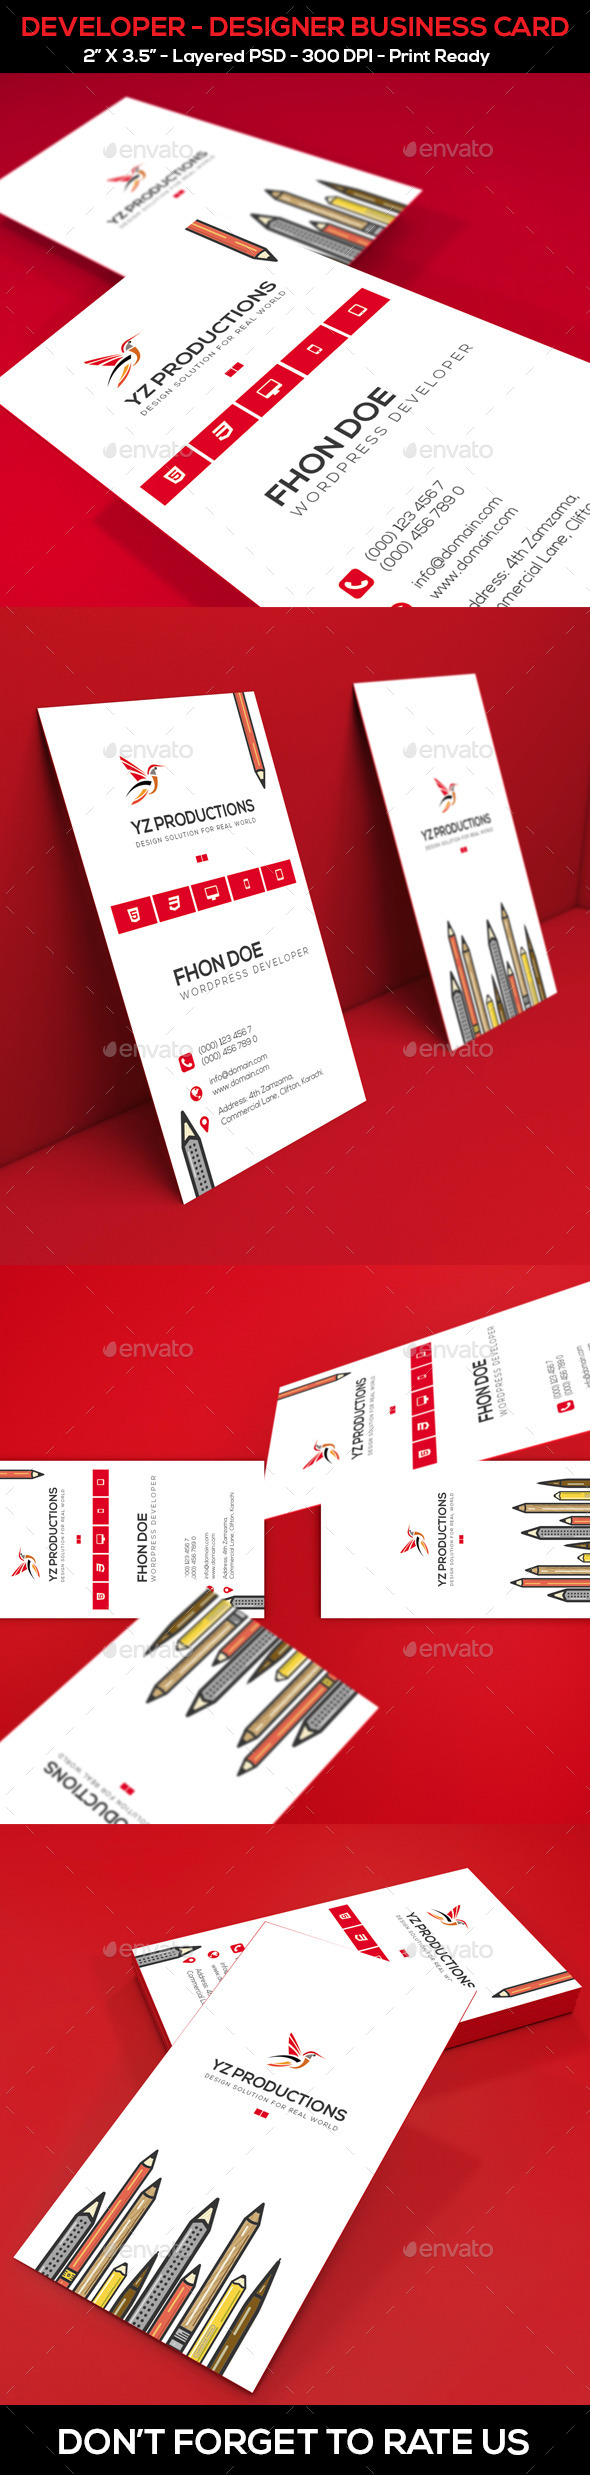 Developer – Designer Business Card - Industry Specific Business Cards